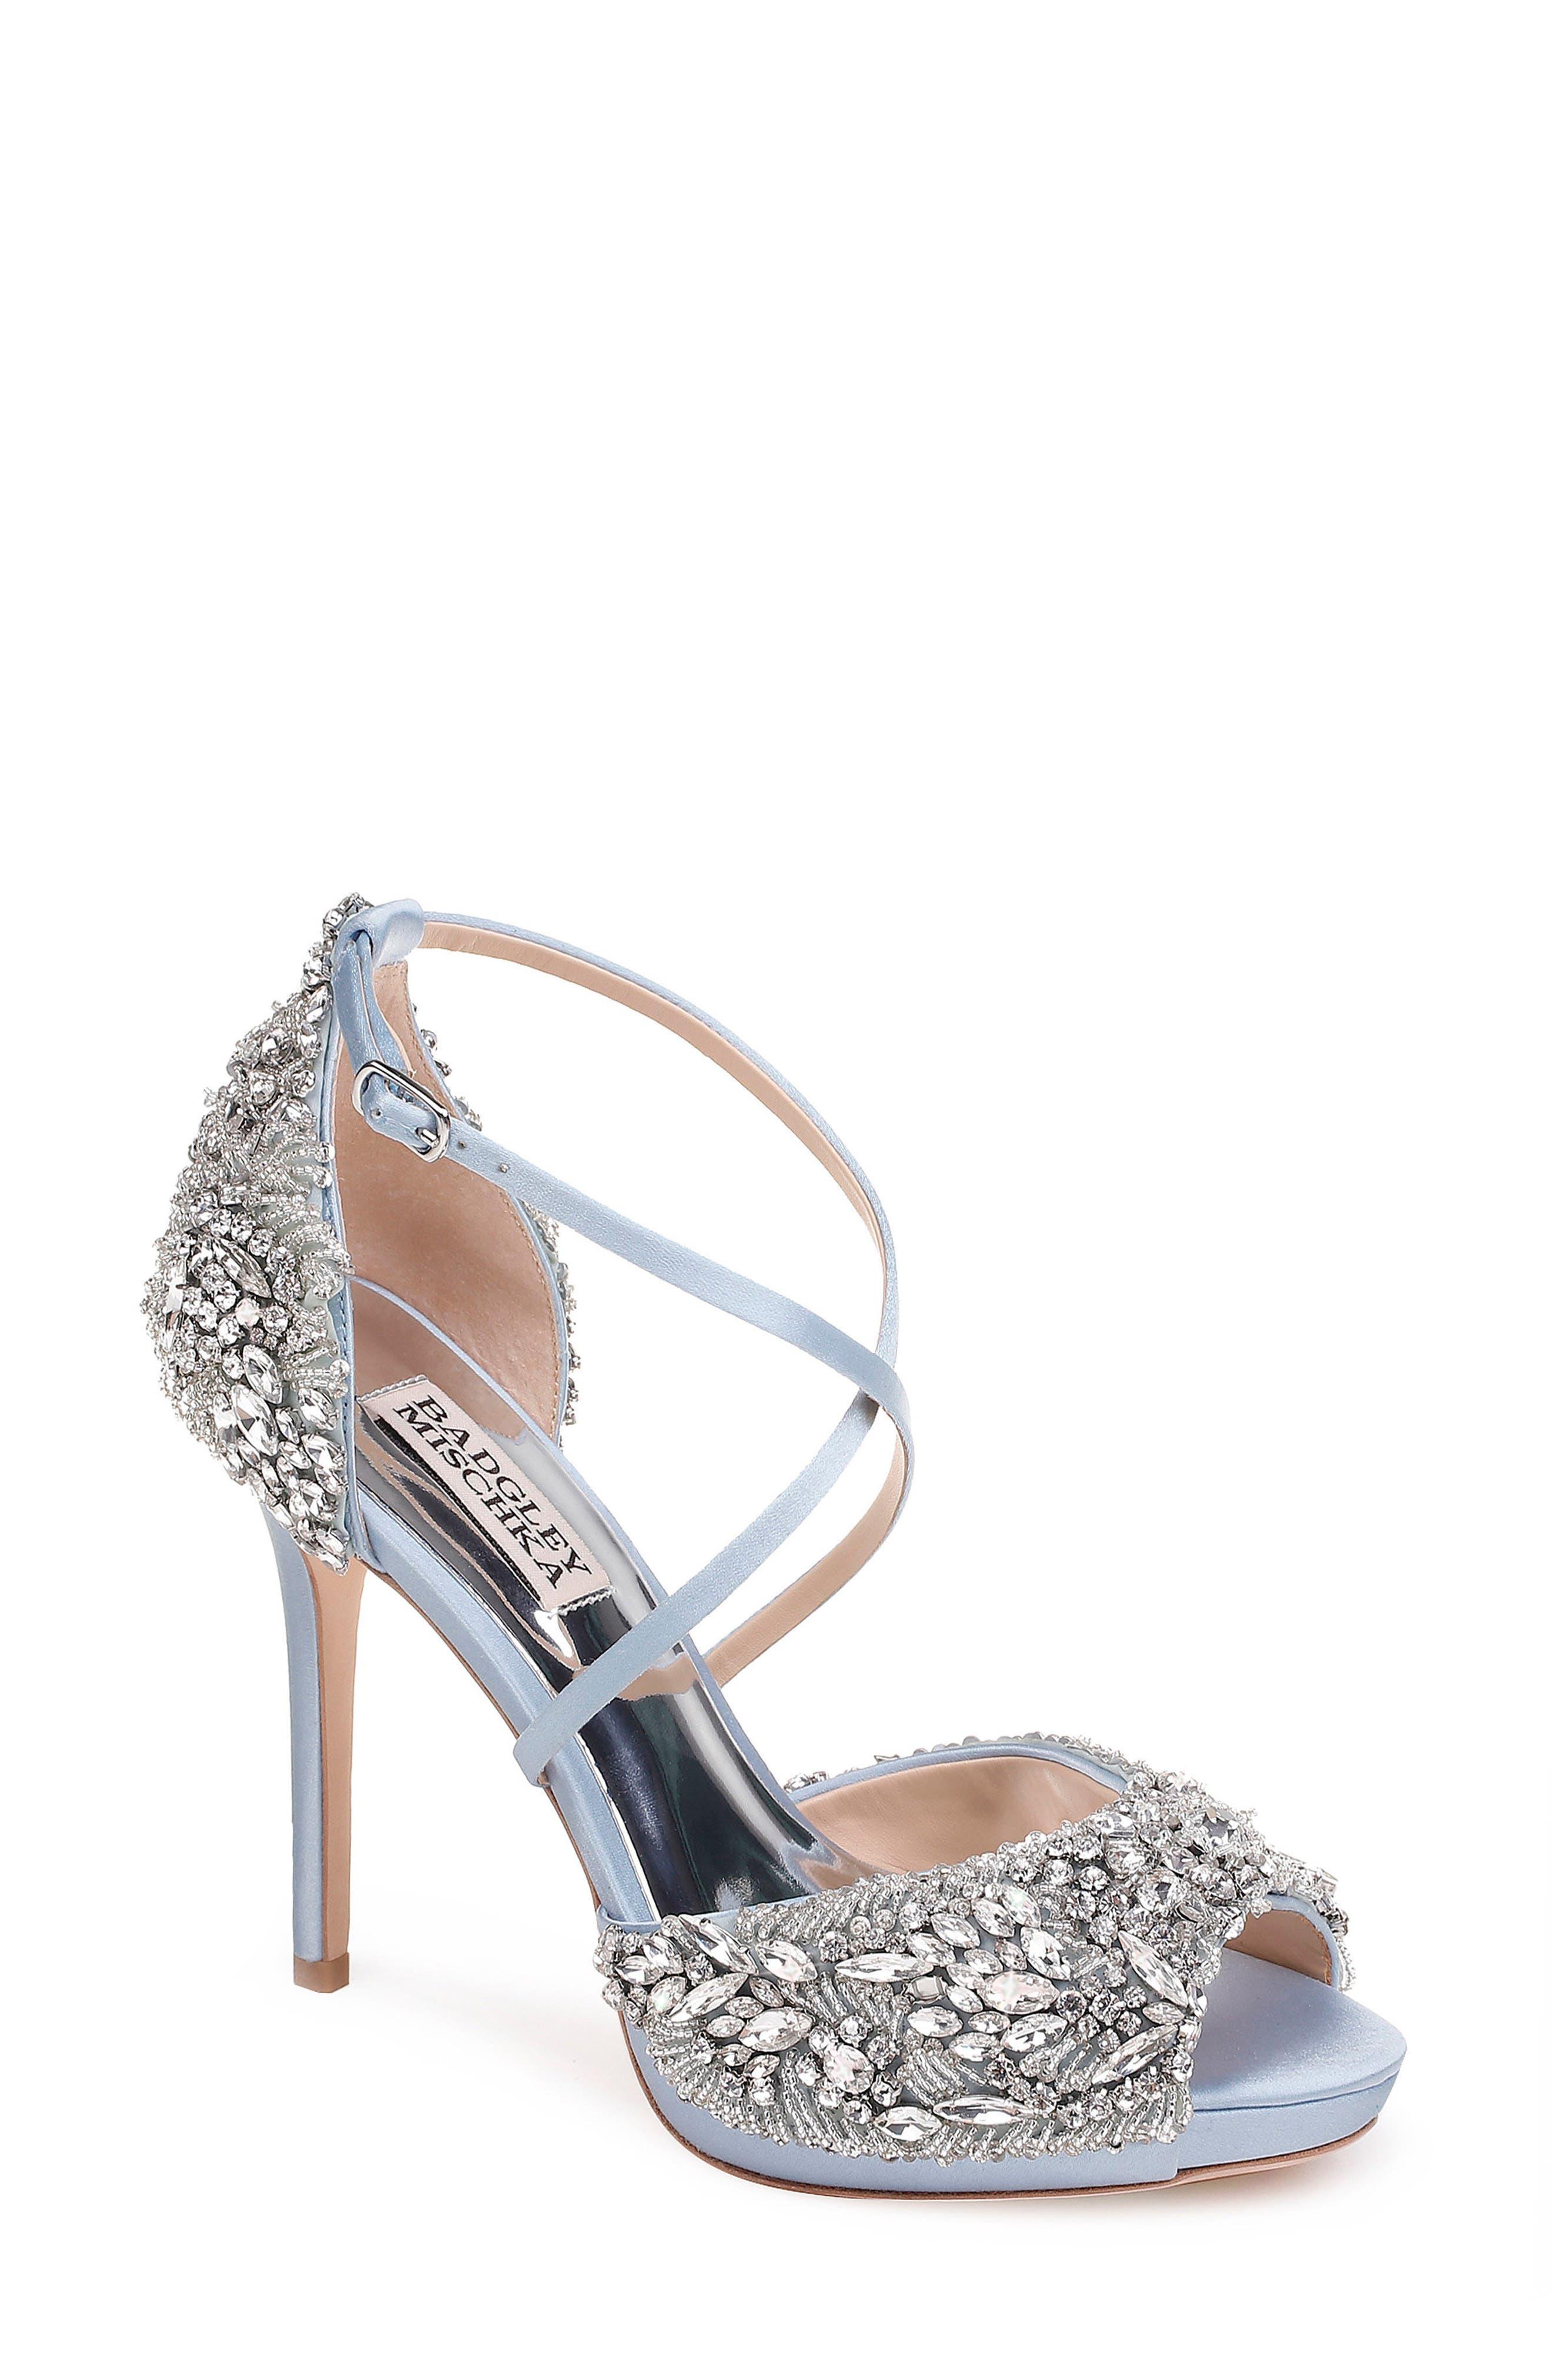 Alternate Image 1 Selected - Badgley Mischka Hyper Crystal Embellished Sandal (Women)